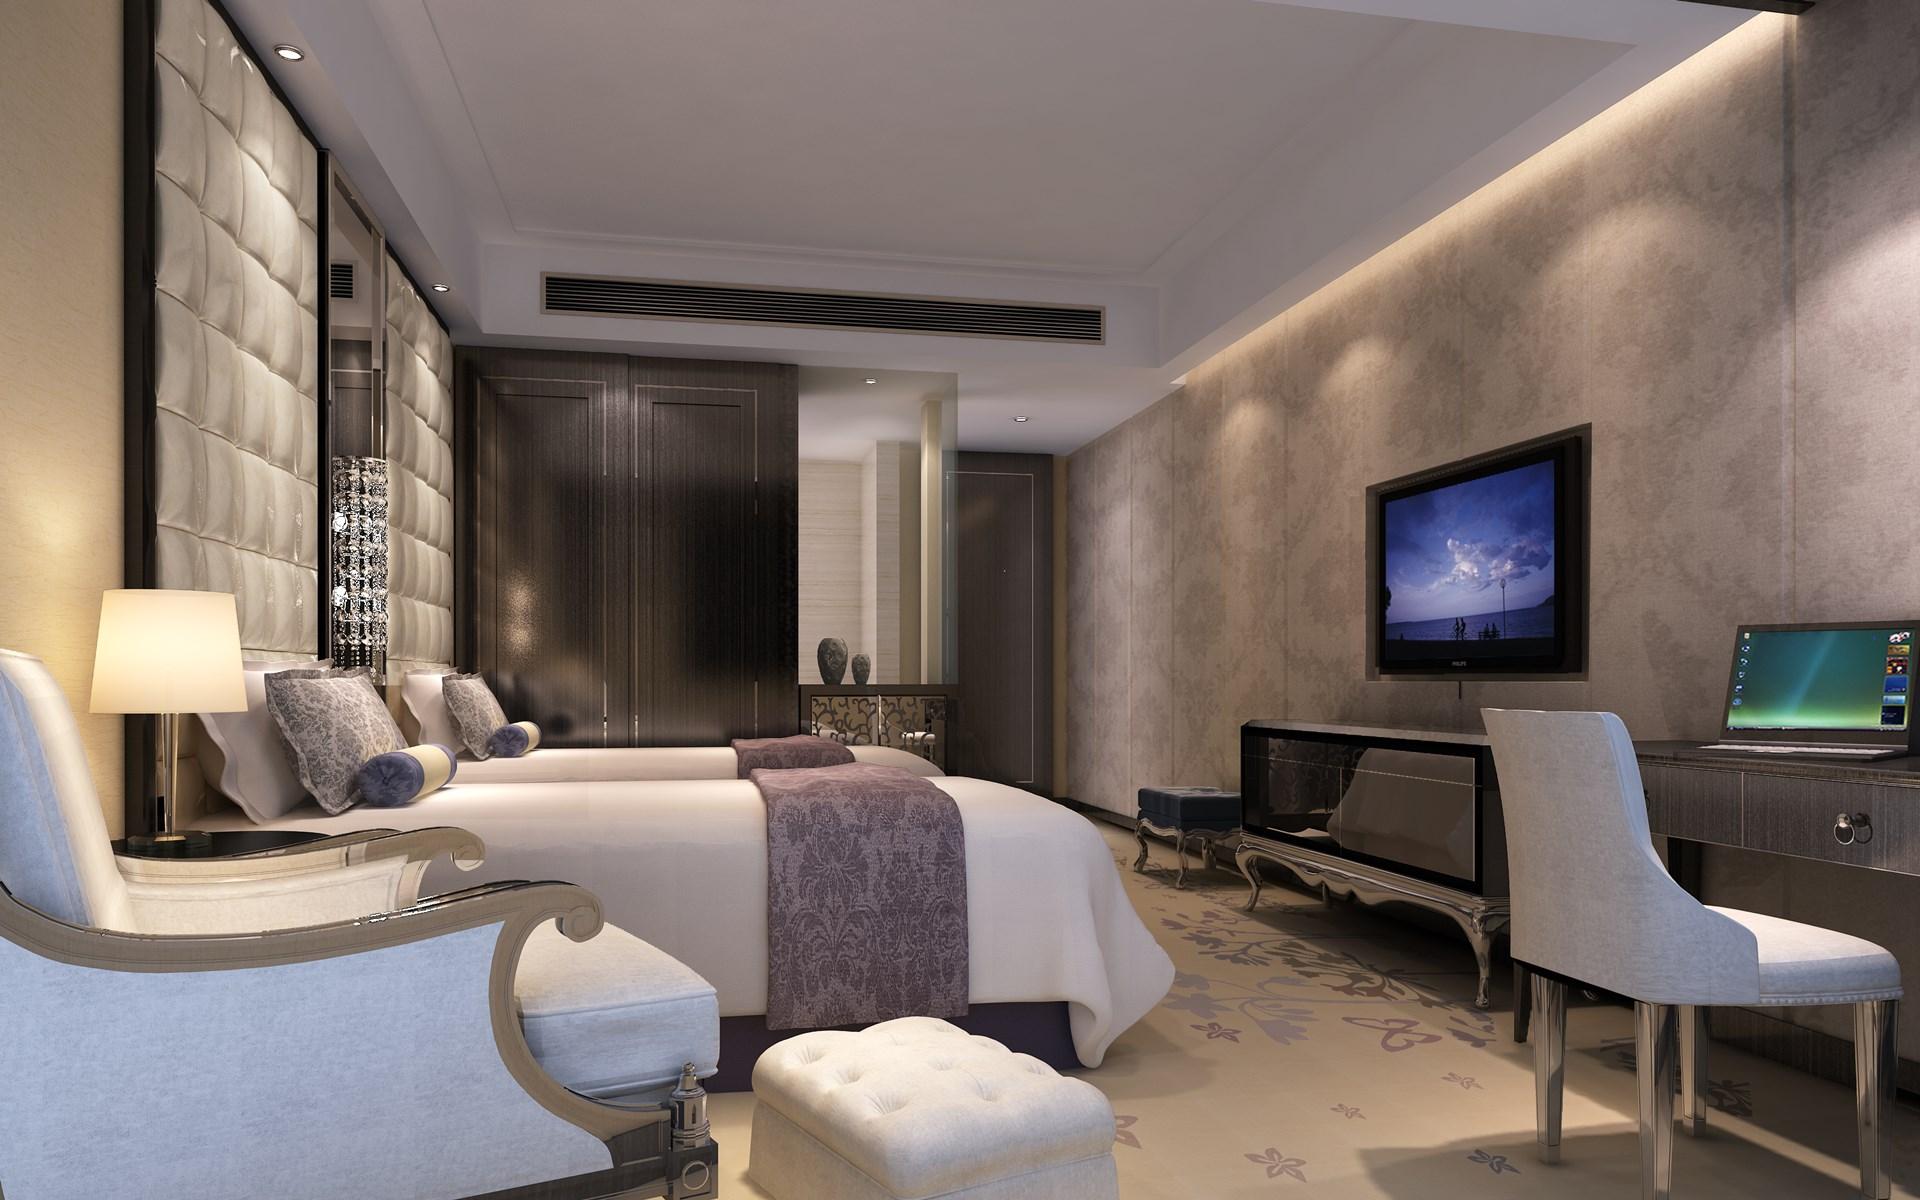 长沙现代酒店装修师 度假酒店装修设计相关